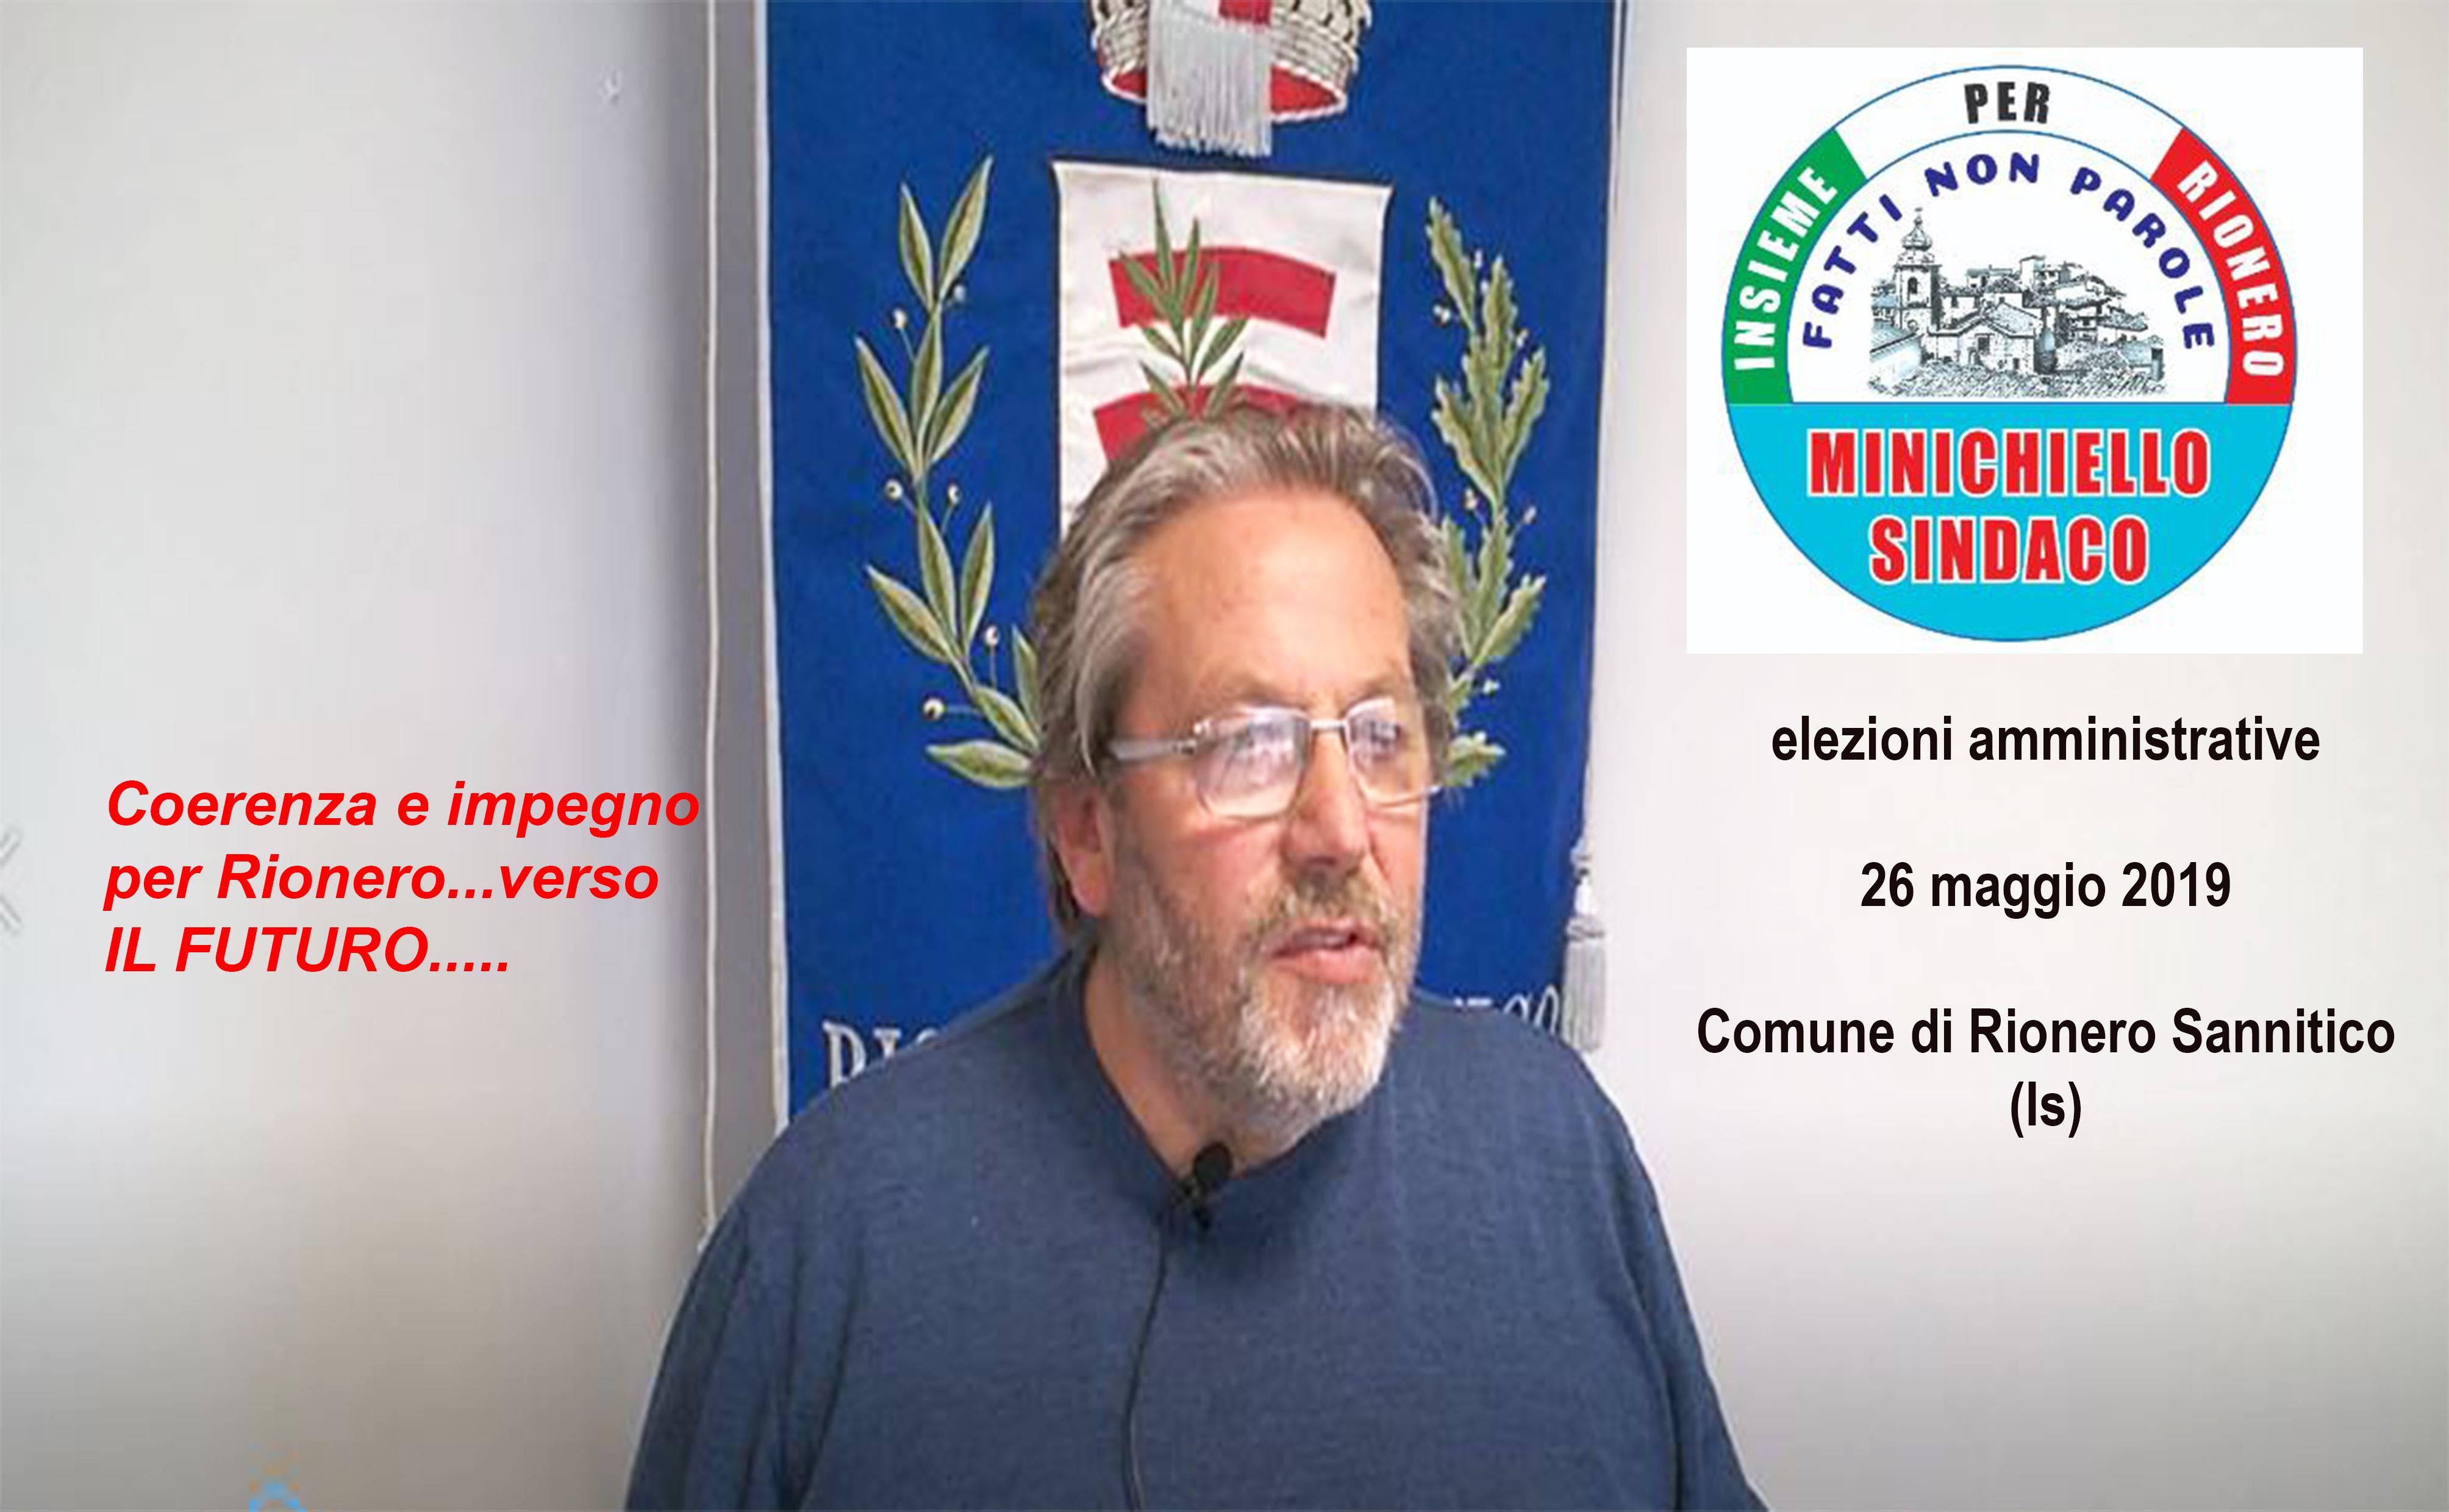 """Rionero Sannitico: """"23Milioni di euro spesi e programmati per il nostro comune. Così cambiamo il territorio"""". Tonino Minichiello pensa alle prossime opere."""